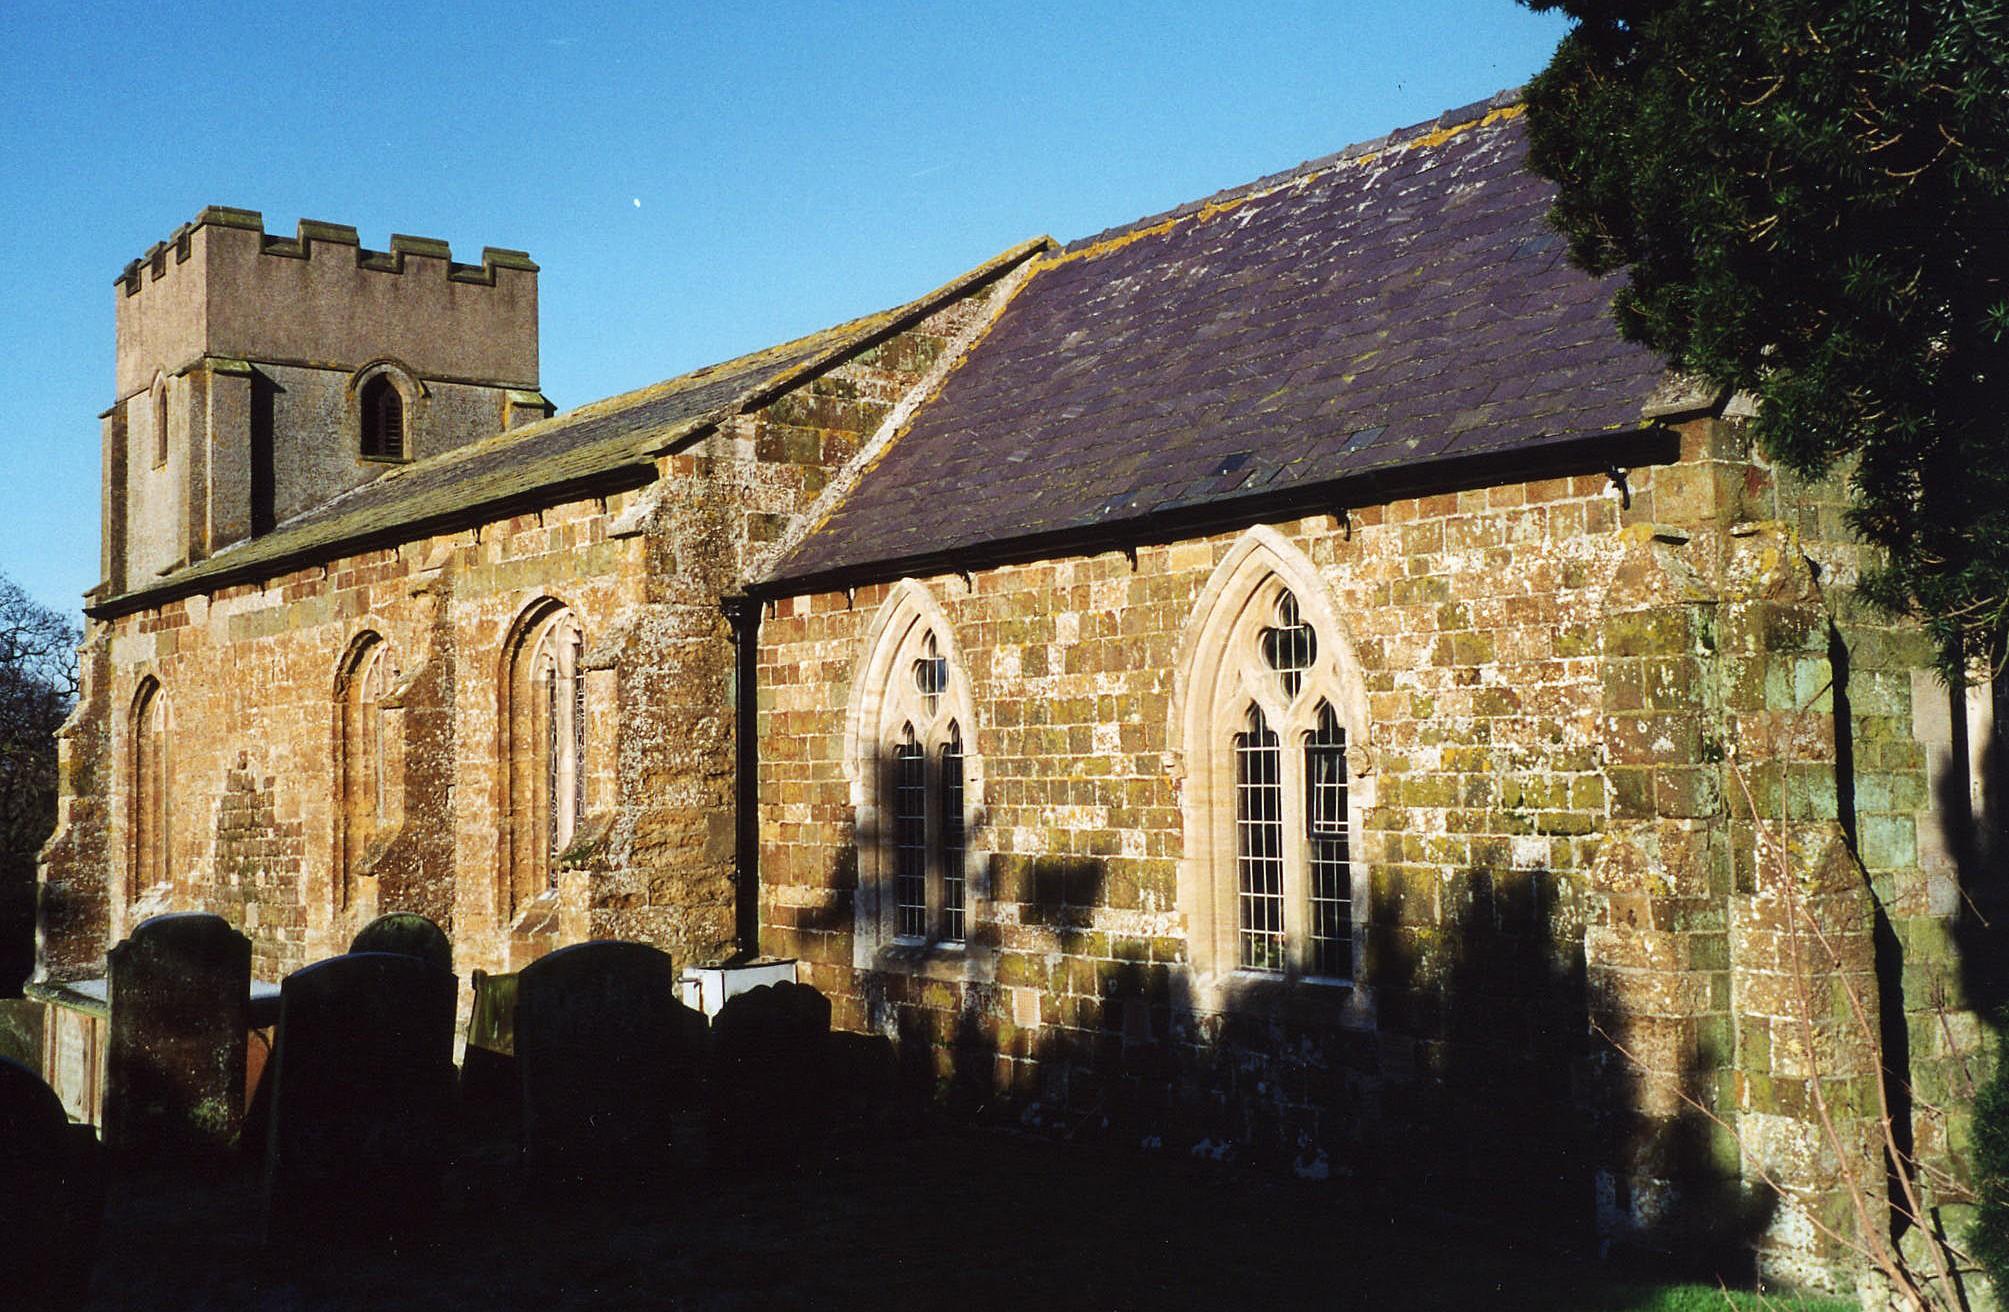 St. Faith's Church